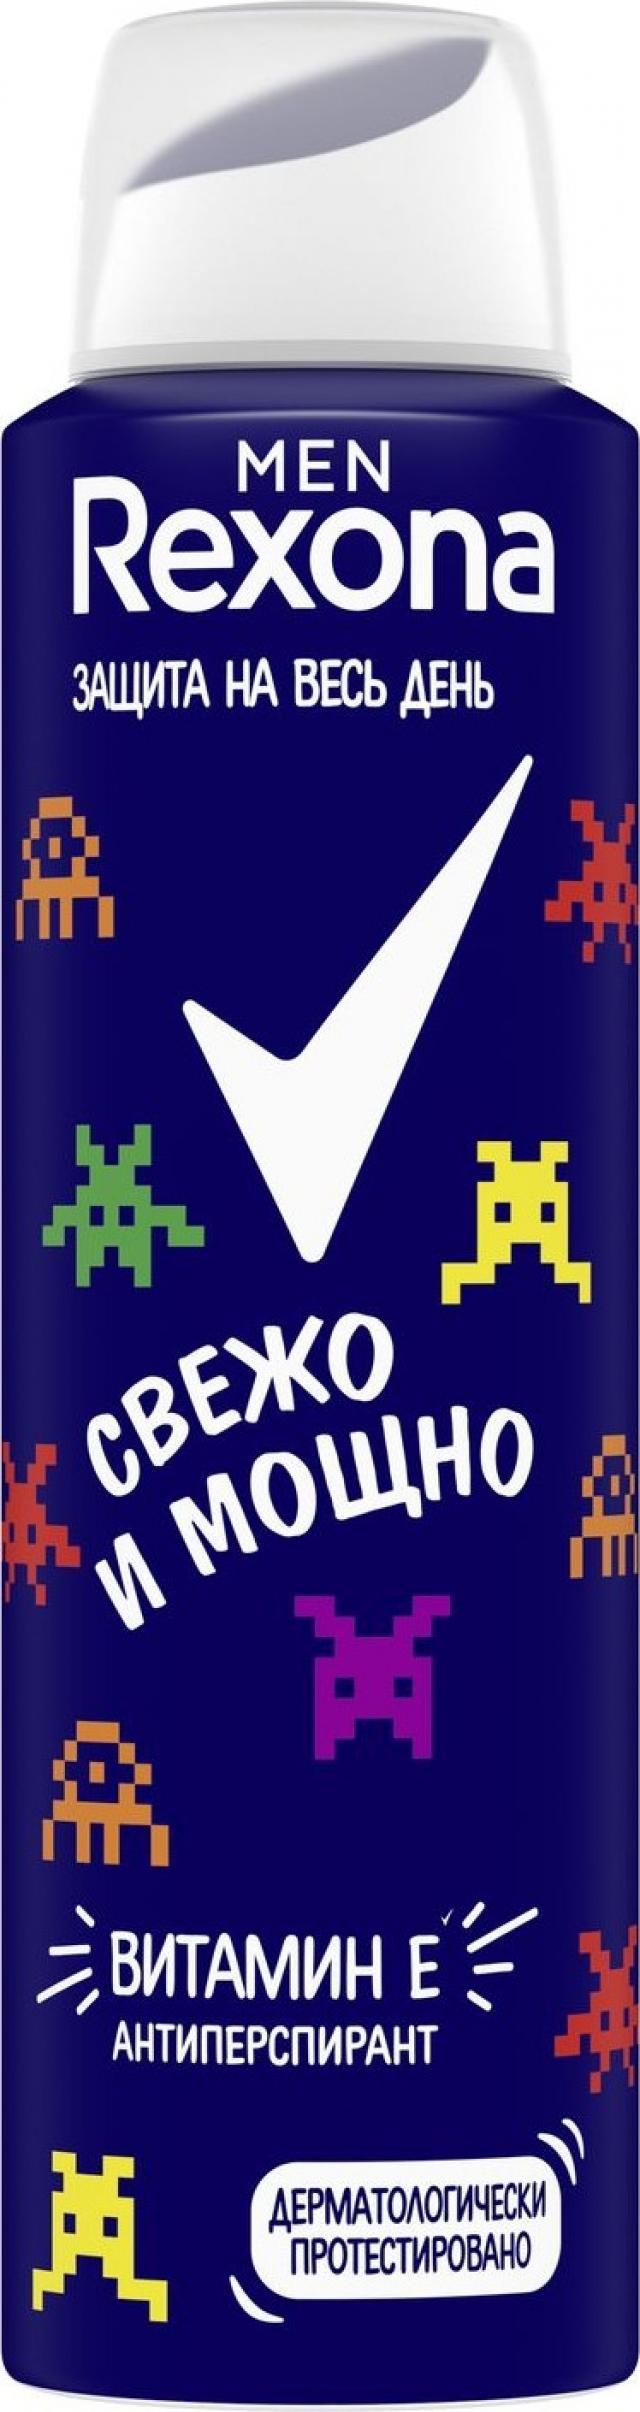 Рексона дезодорант-спрей Свежо и Мощно 150мл купить в Москве по цене от 0 рублей